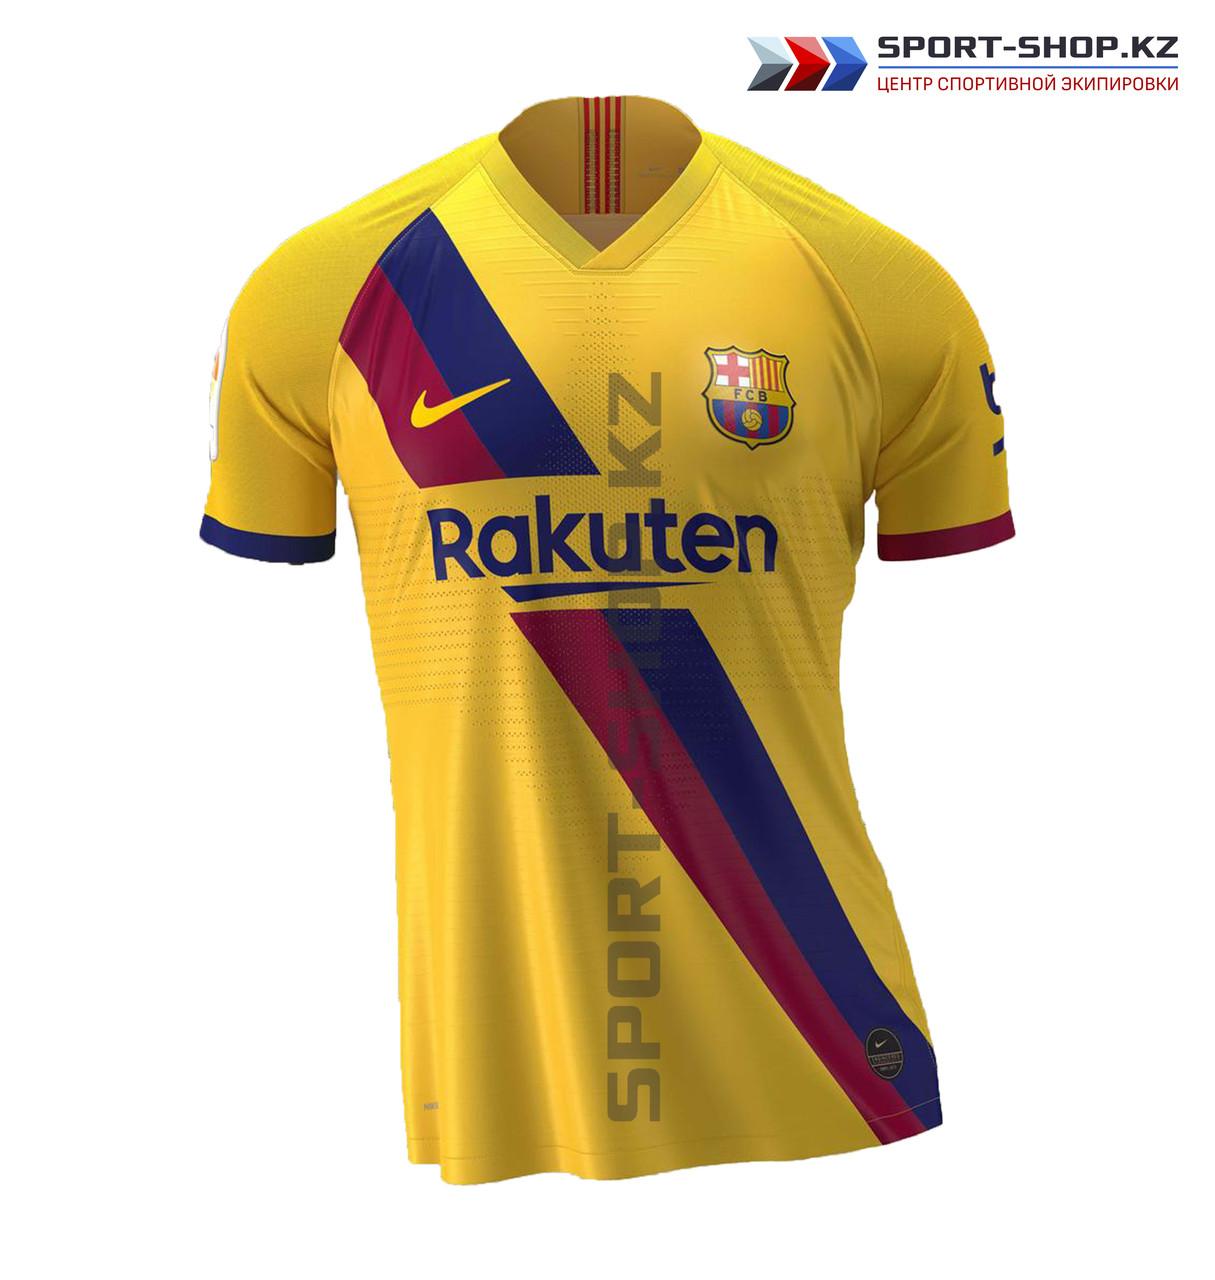 Forma Barselony Barcelona Messi Detskaya Gostevaya Sezon 19 20 Cena 16600 Tg Kupit V Almaty Satu Kz Id 67673499